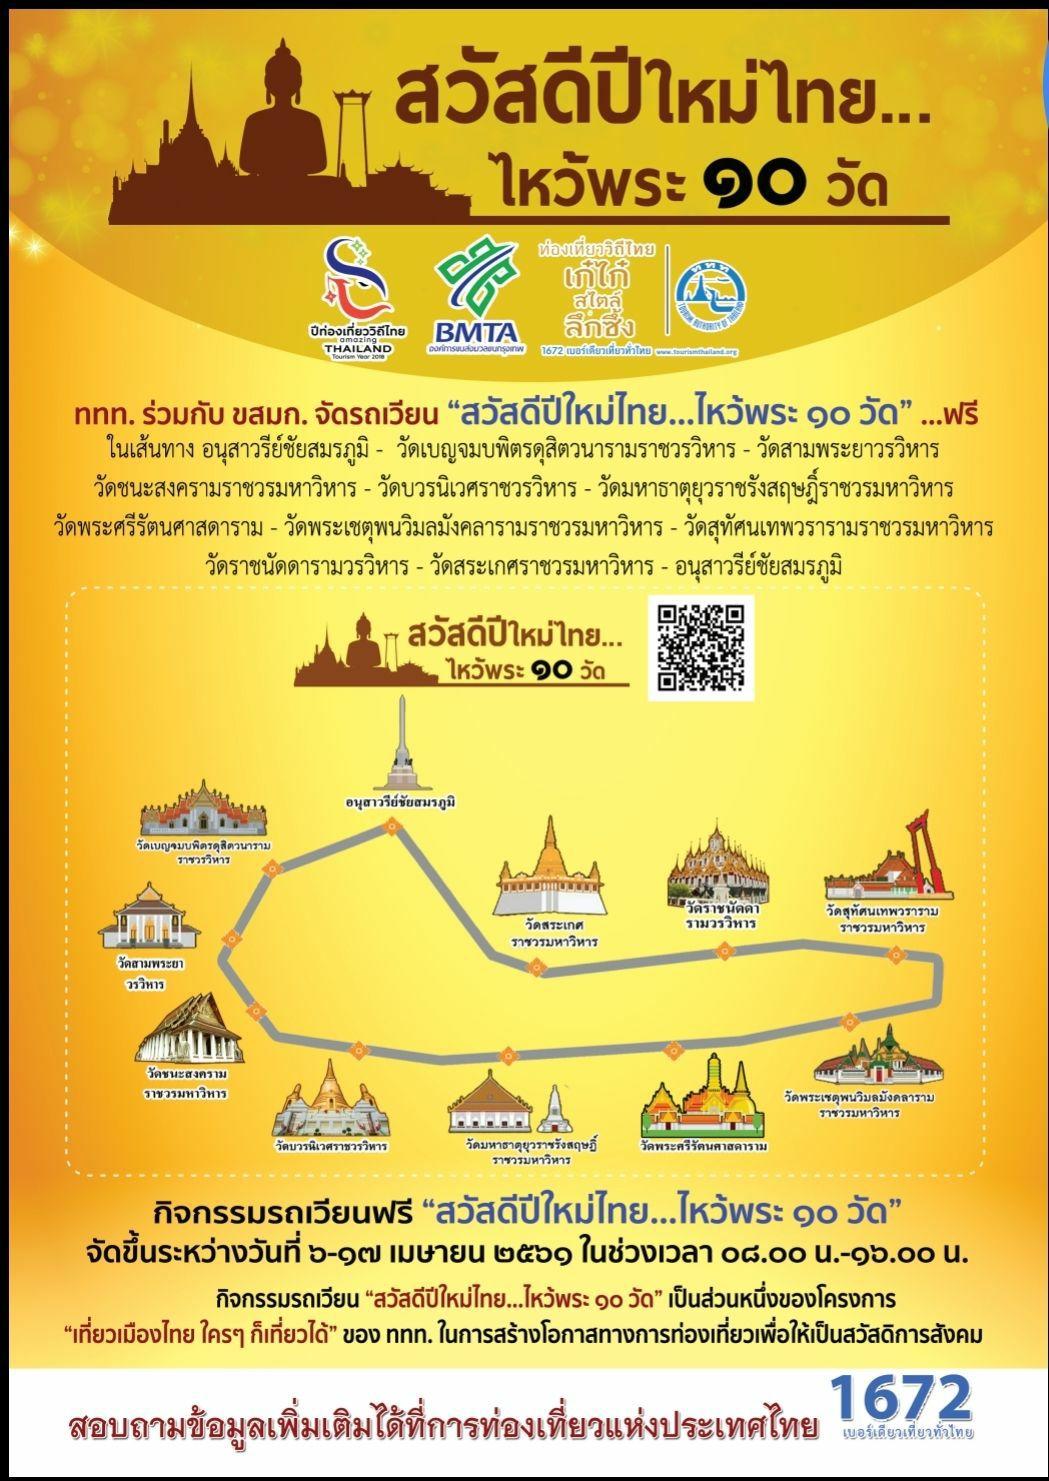 สวัสดีปีใหม่ไทย ไหว้พระ 10 วัด วันที่ 6-17 เมษายน 2561